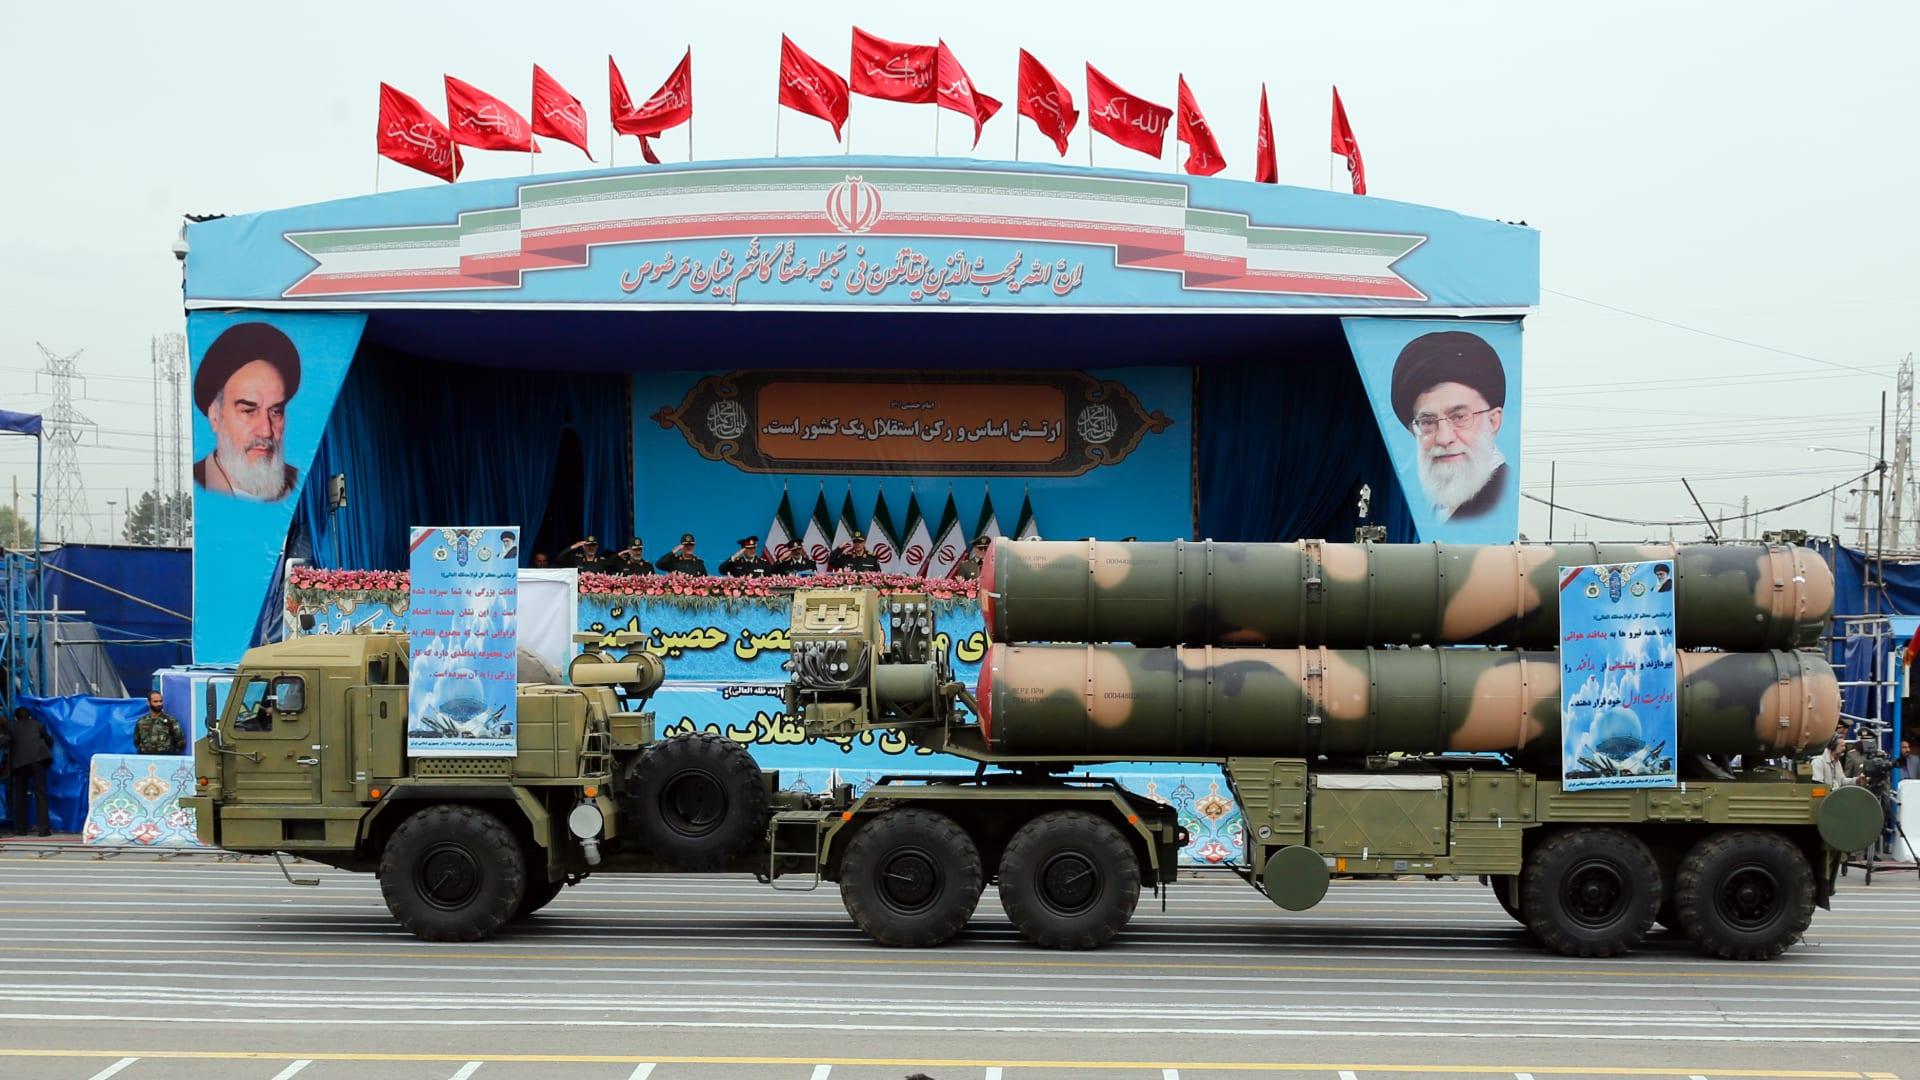 """إيران تستعرض """"أحدث"""" أسلحتها خلال احتفالها بيوم الجيش"""